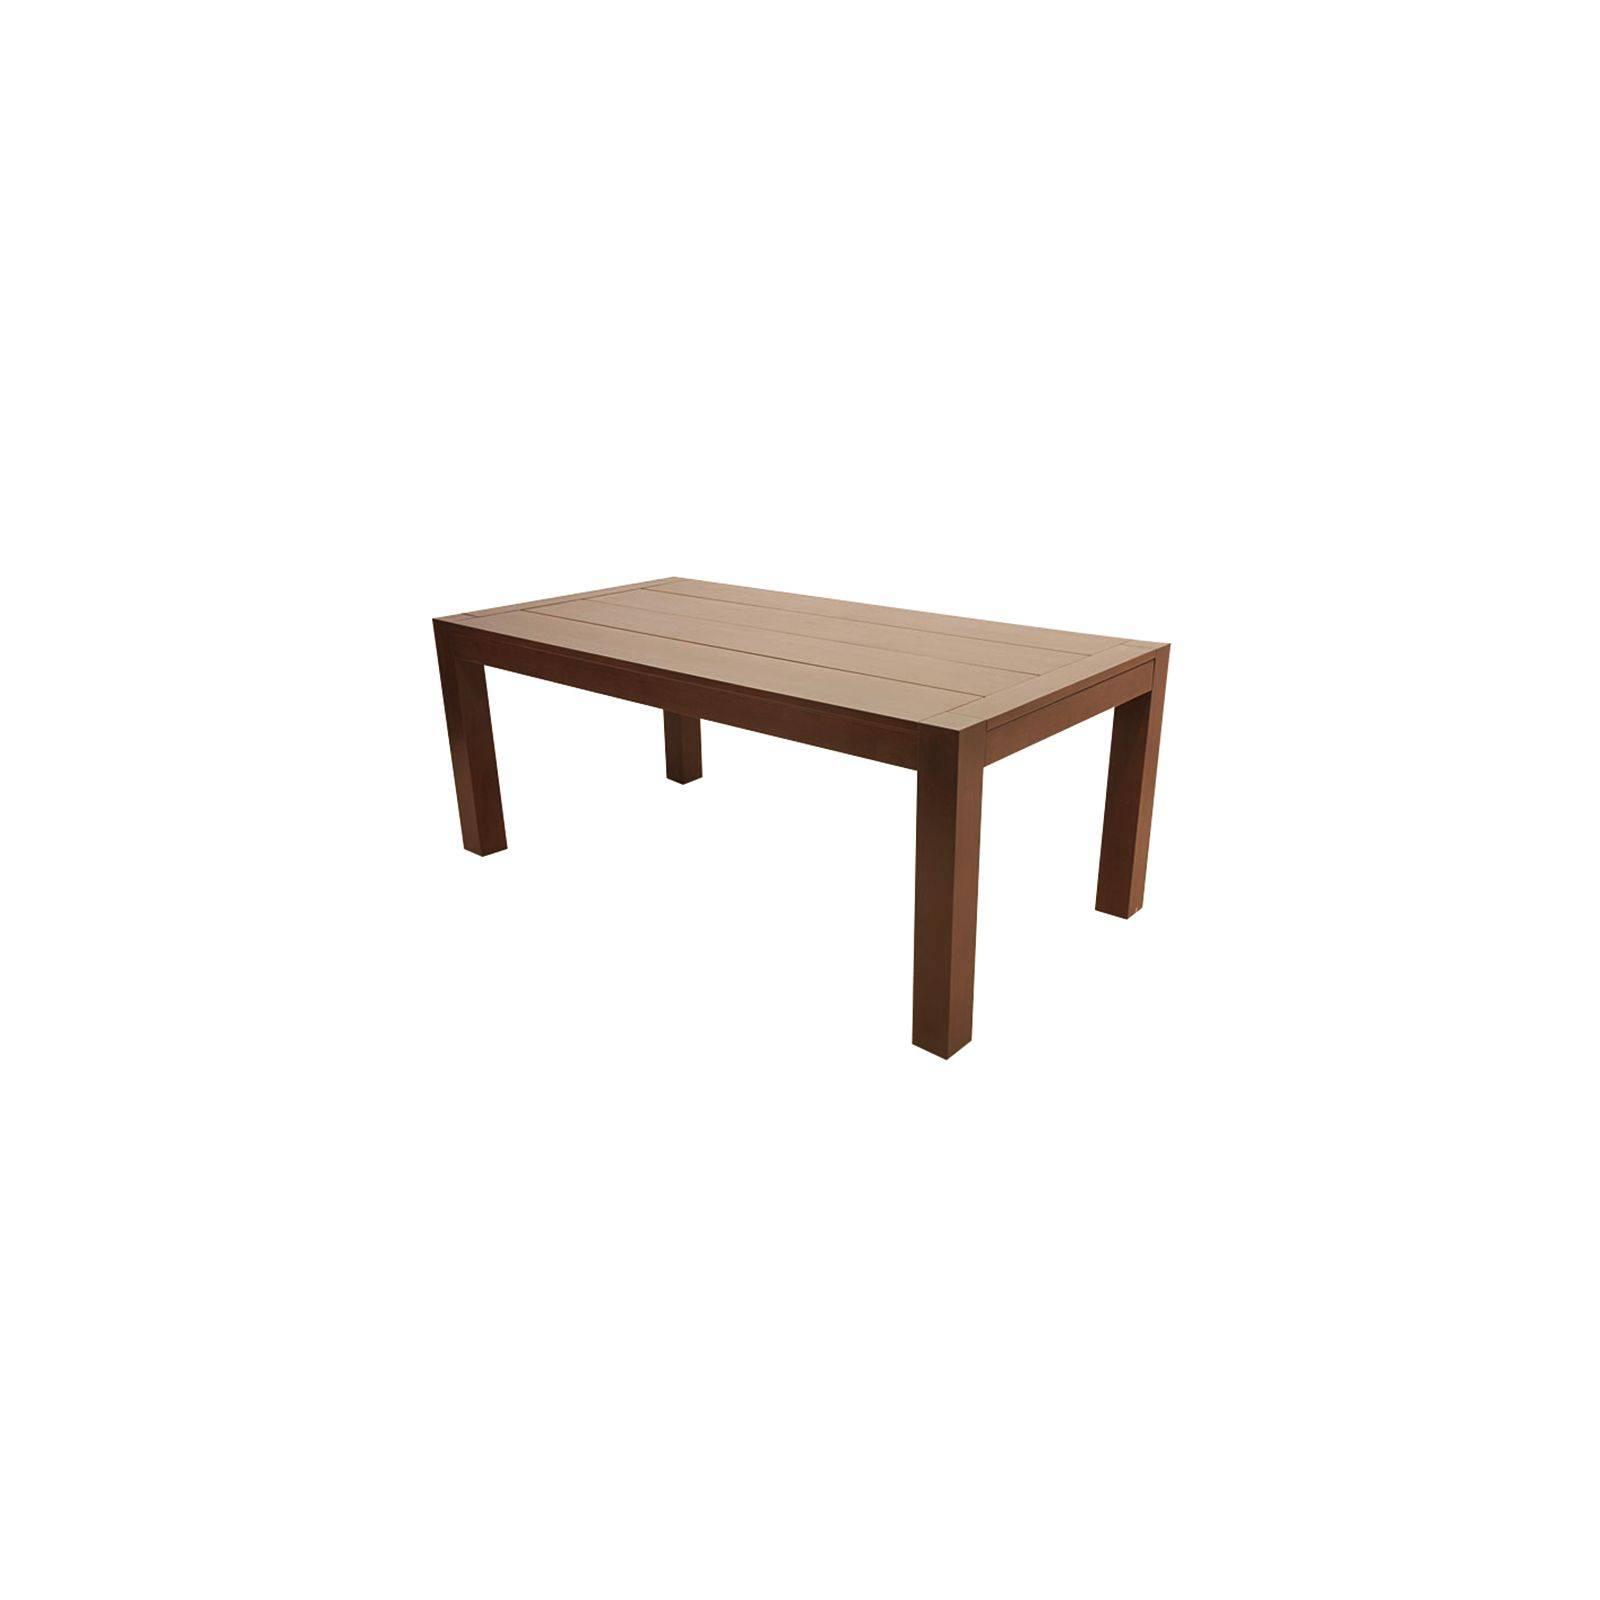 Table en hévéa design à rallonges Moka : inspiration contemporaine pour la maison